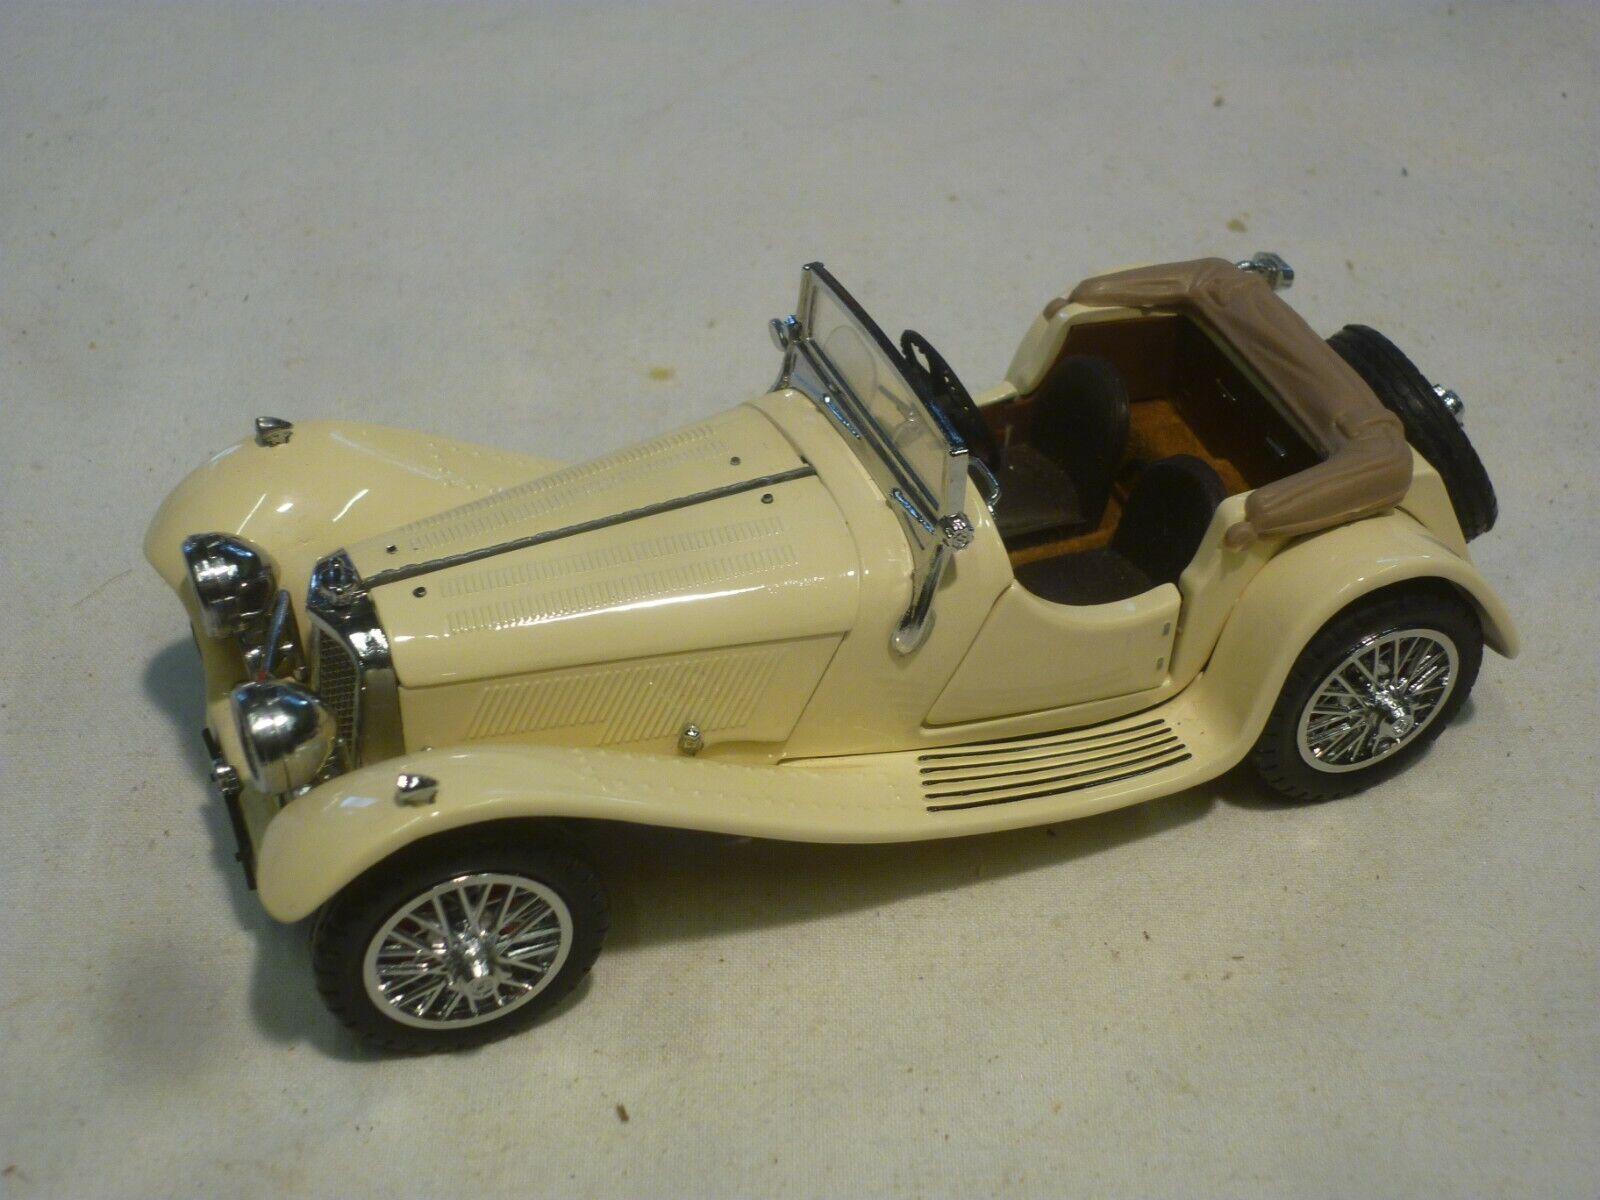 A Franklin mint scale model of a 1938 Jaguar SS100, no box